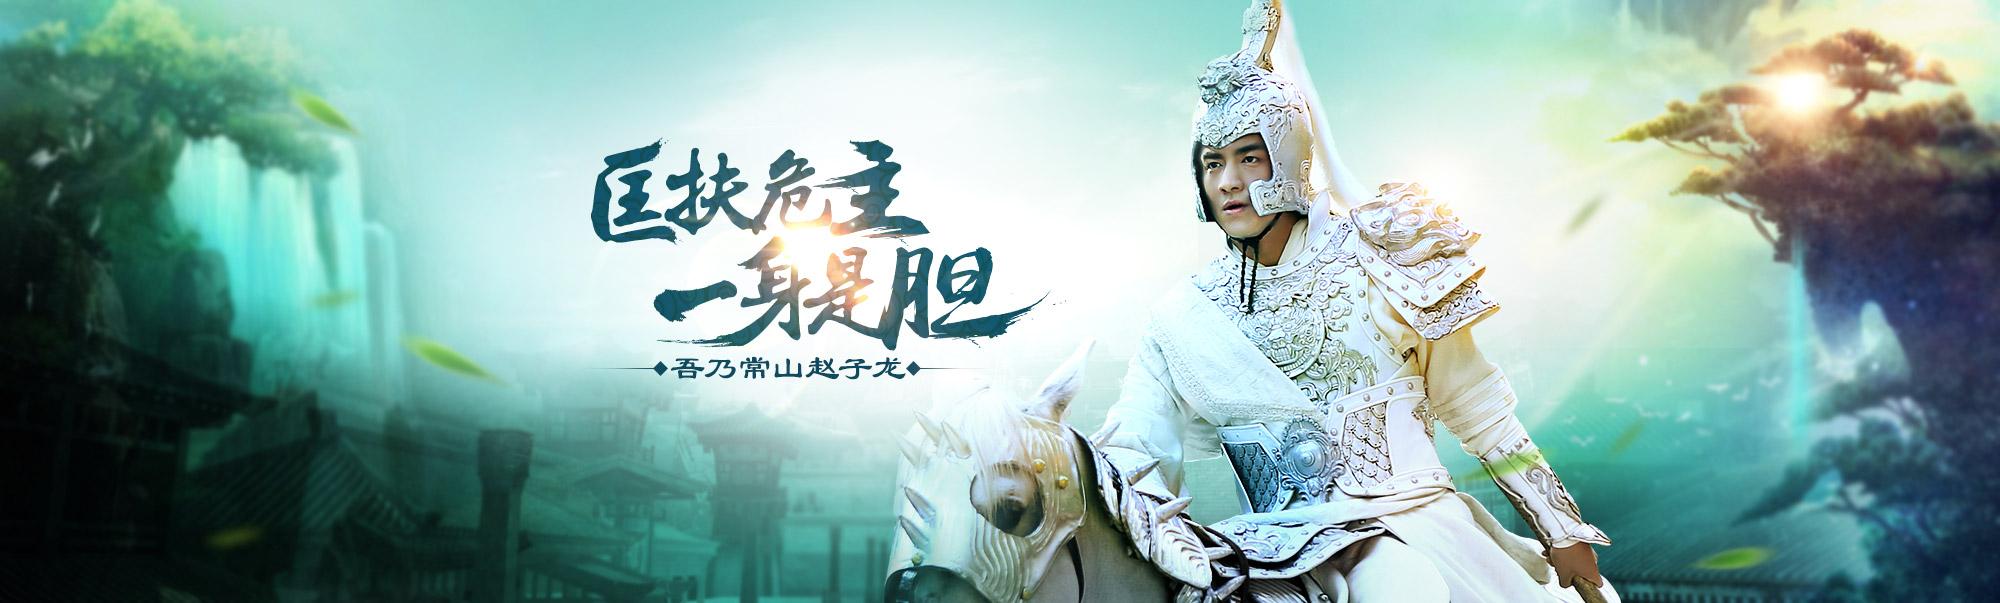 武神赵子龙好玩吗 最新服,加点攻略 演员表,长坂坡救阿斗是哪一